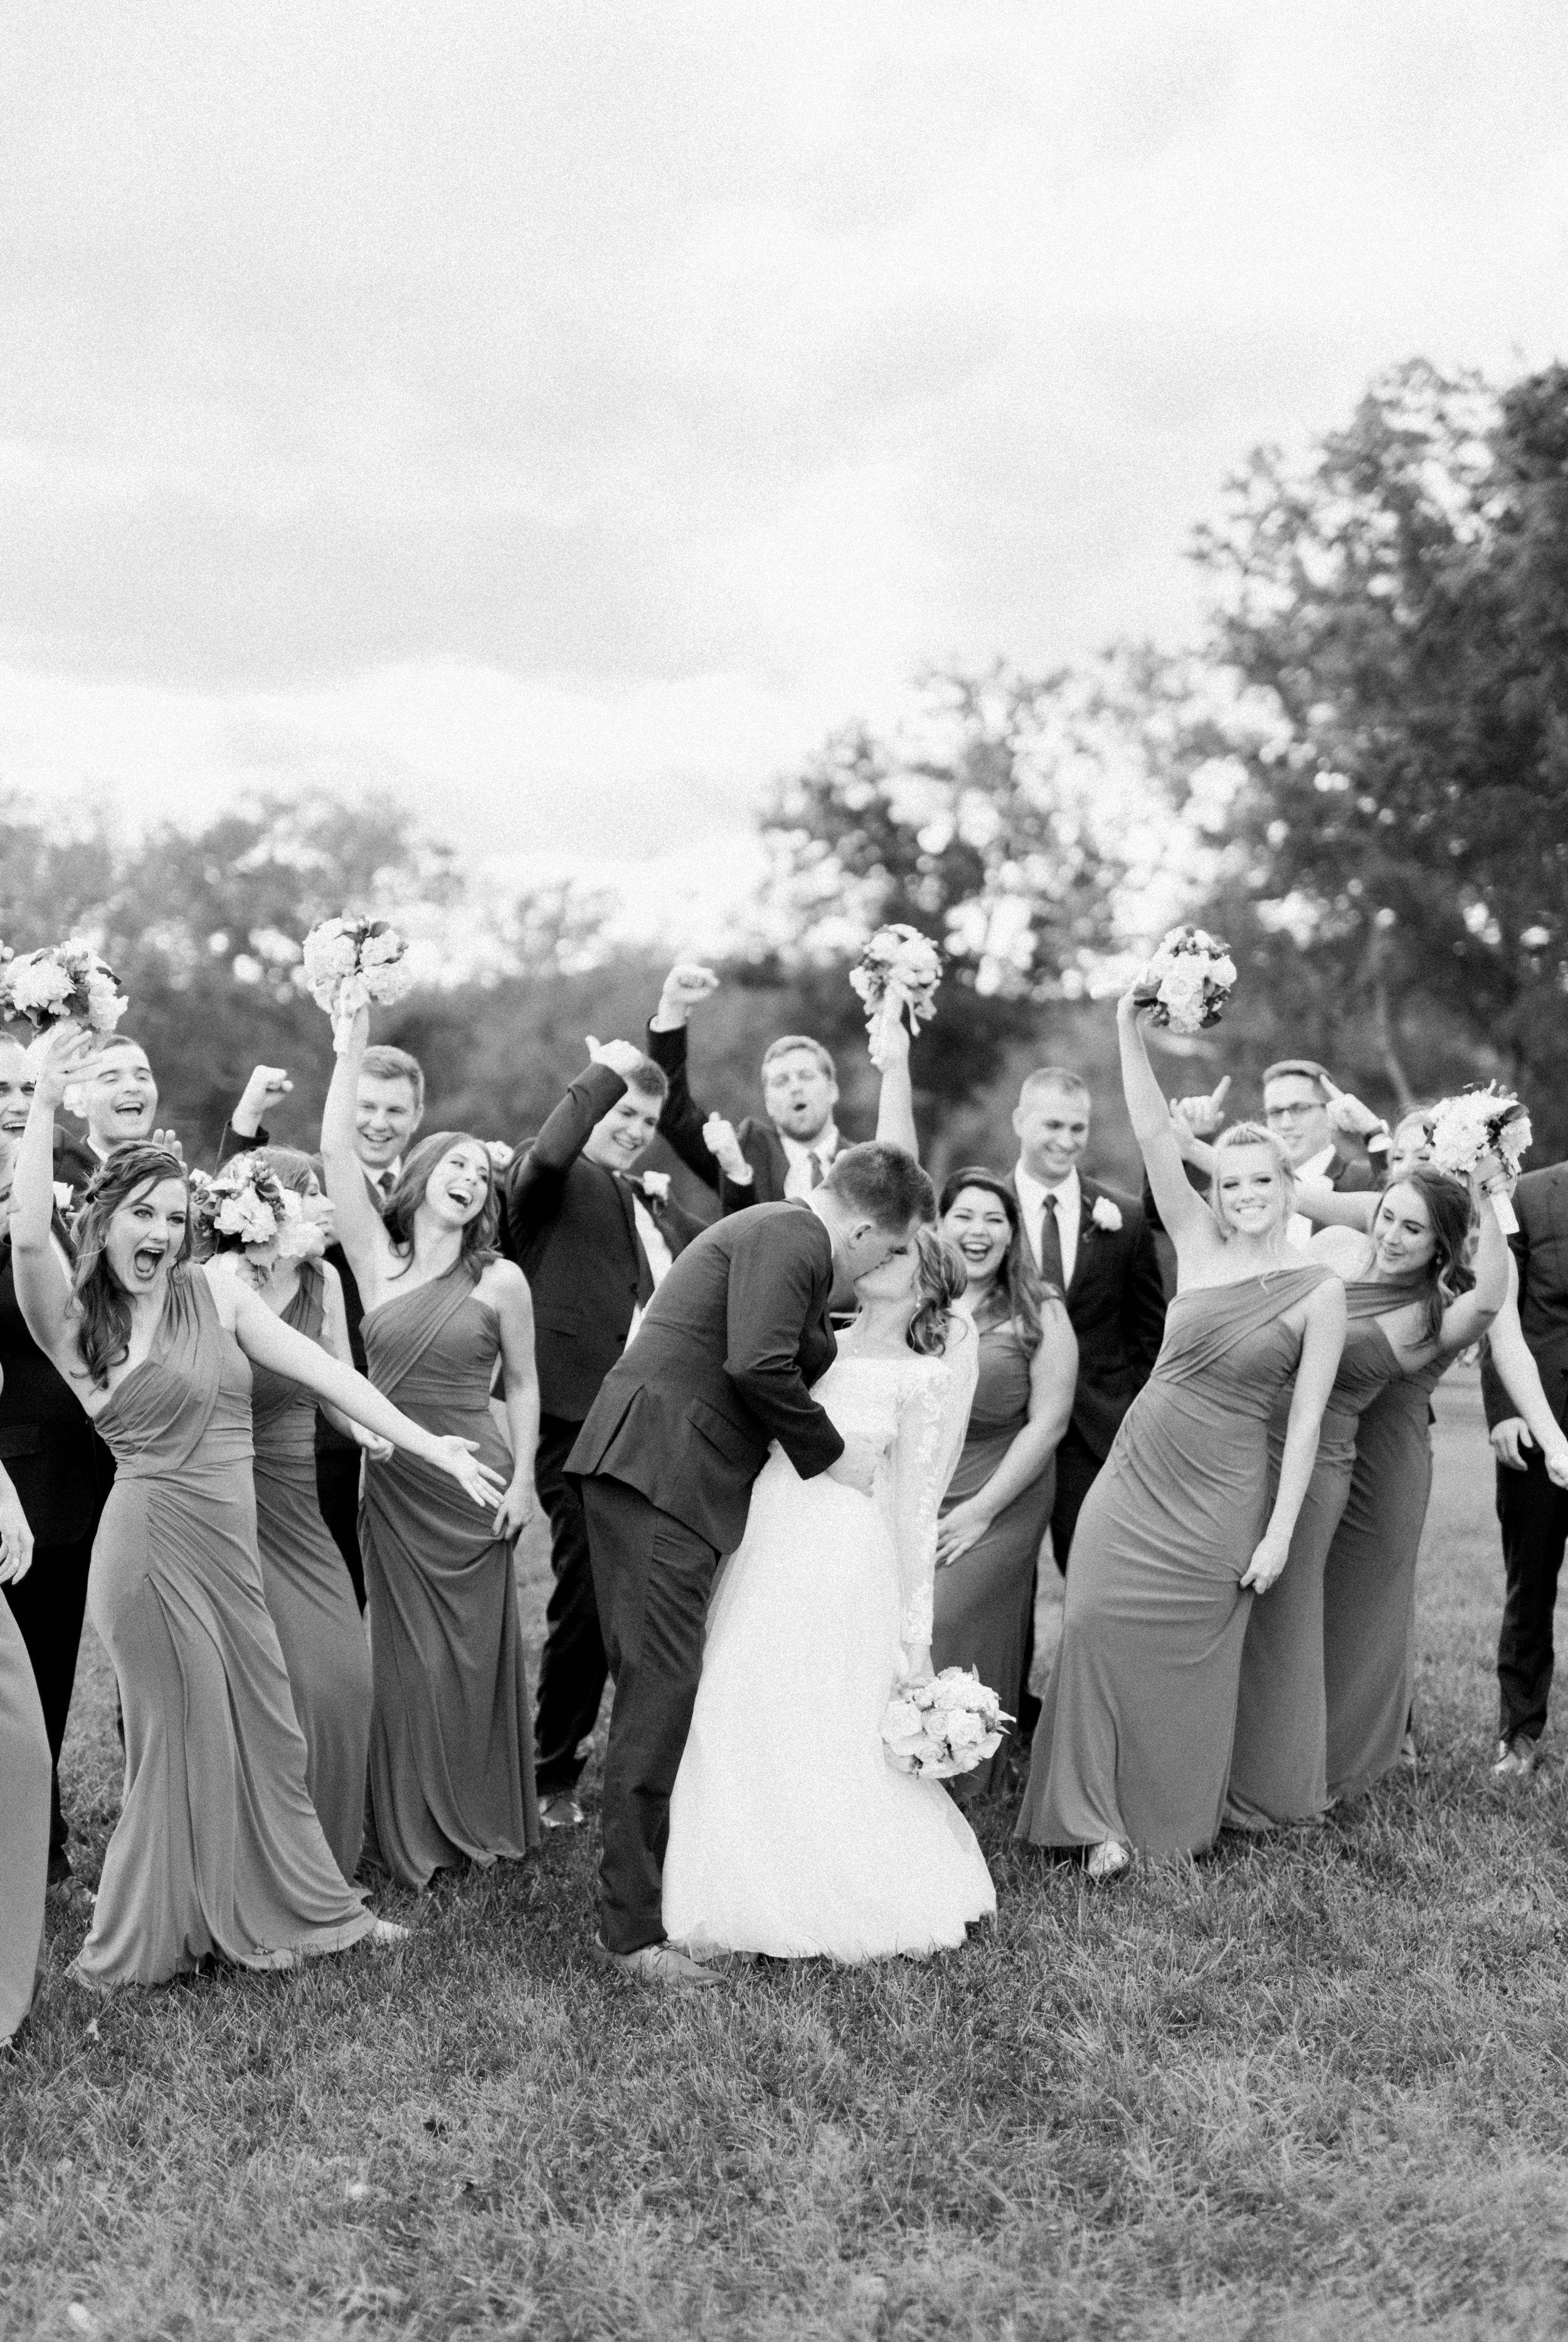 GrantElizabeth_wineryatbullrun_DCwedding_Virginiaweddingphotographer 43.jpg